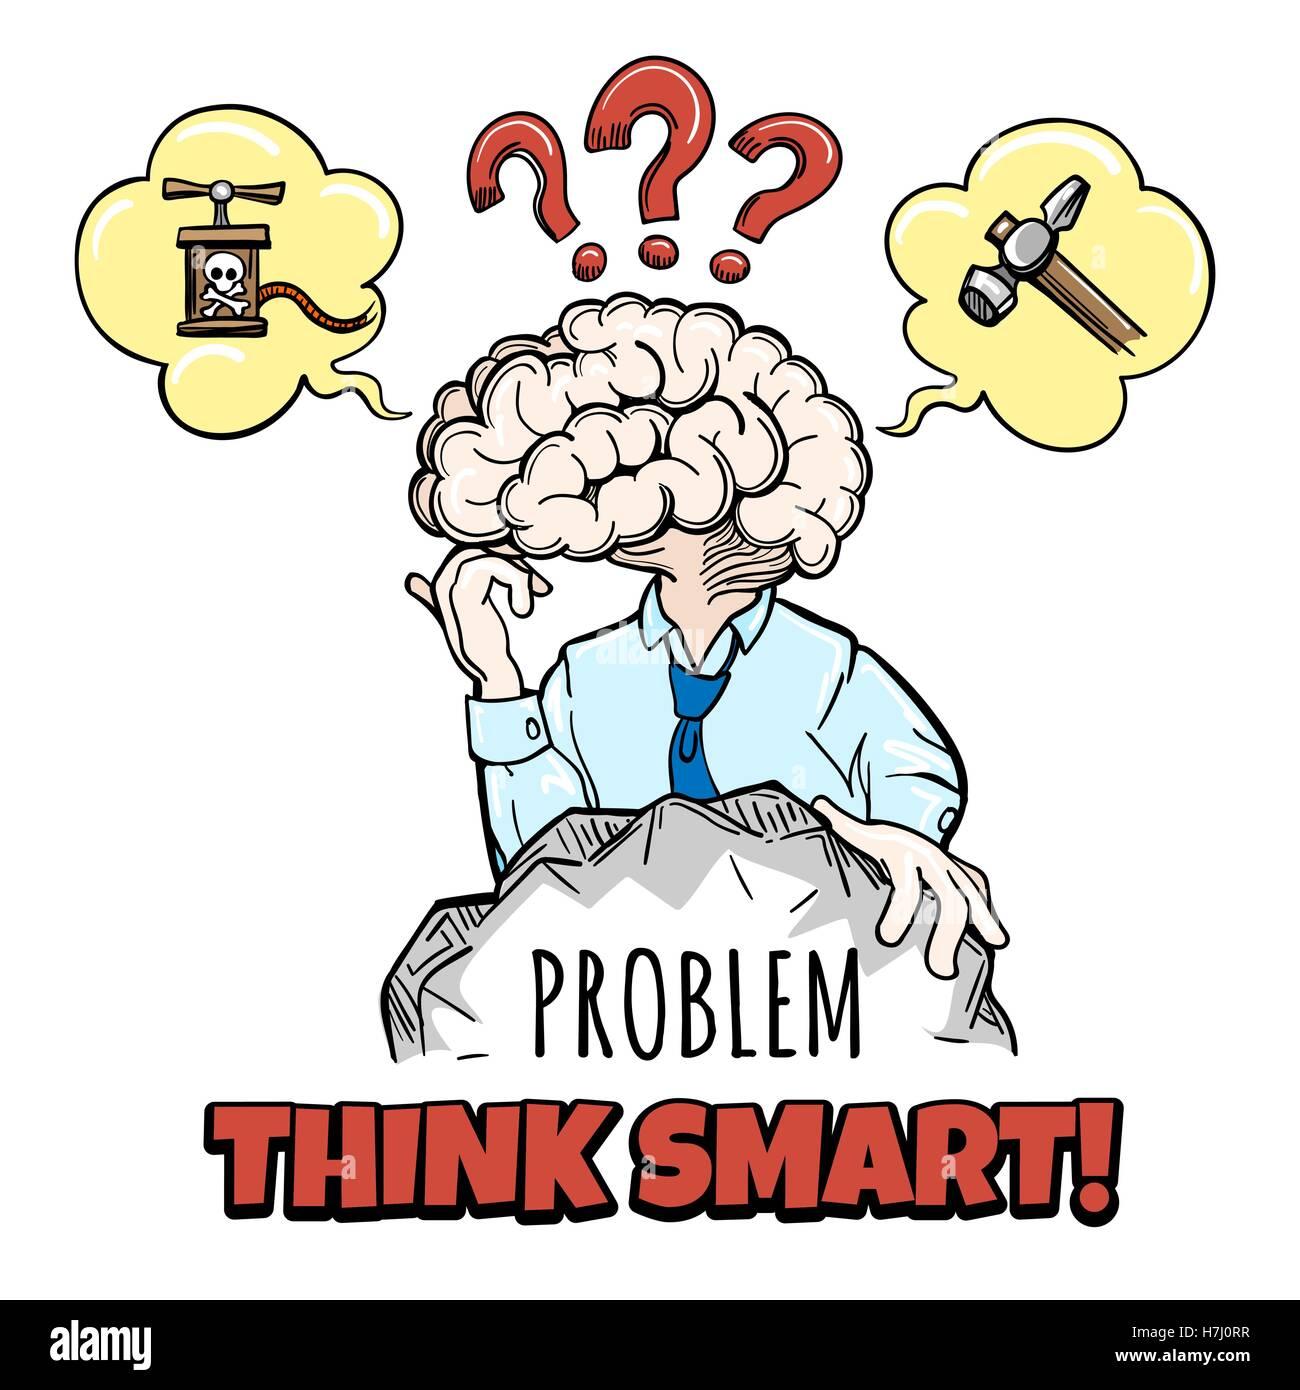 Complex thinking skills